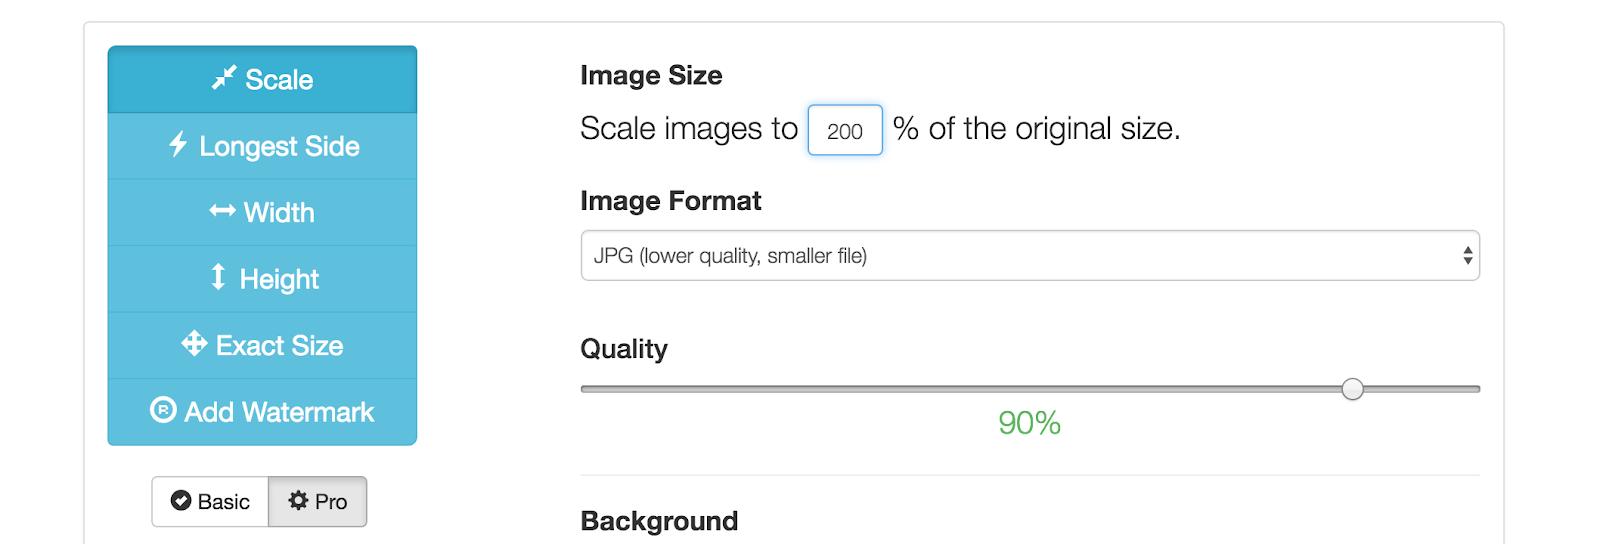 Make the Picture Bigger? - Image Enlarger - Free Online